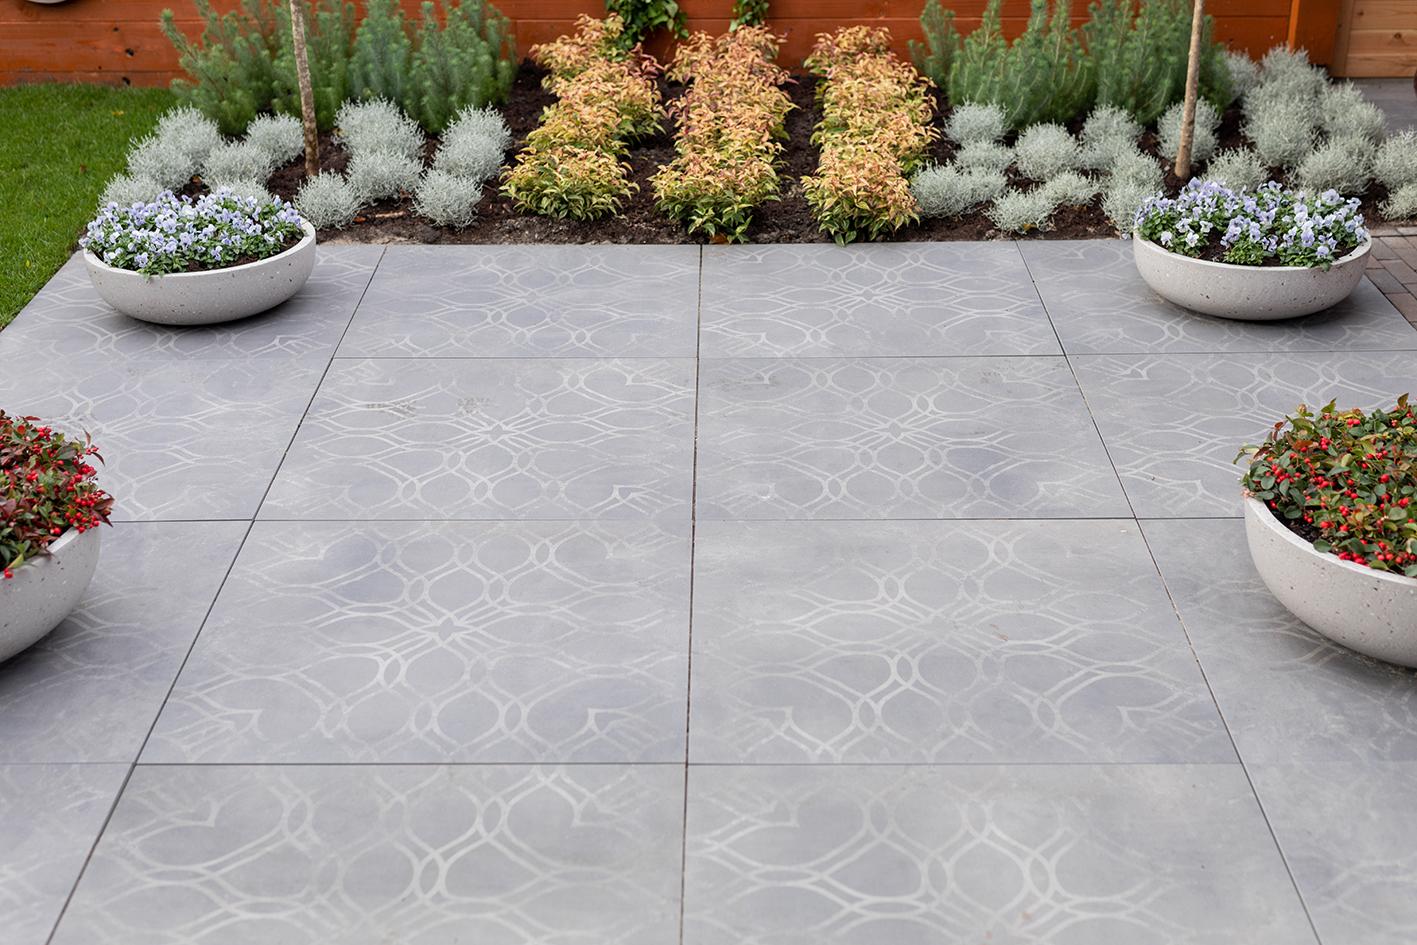 de grote tuinverbouwing gebruikte materialen afl. 12